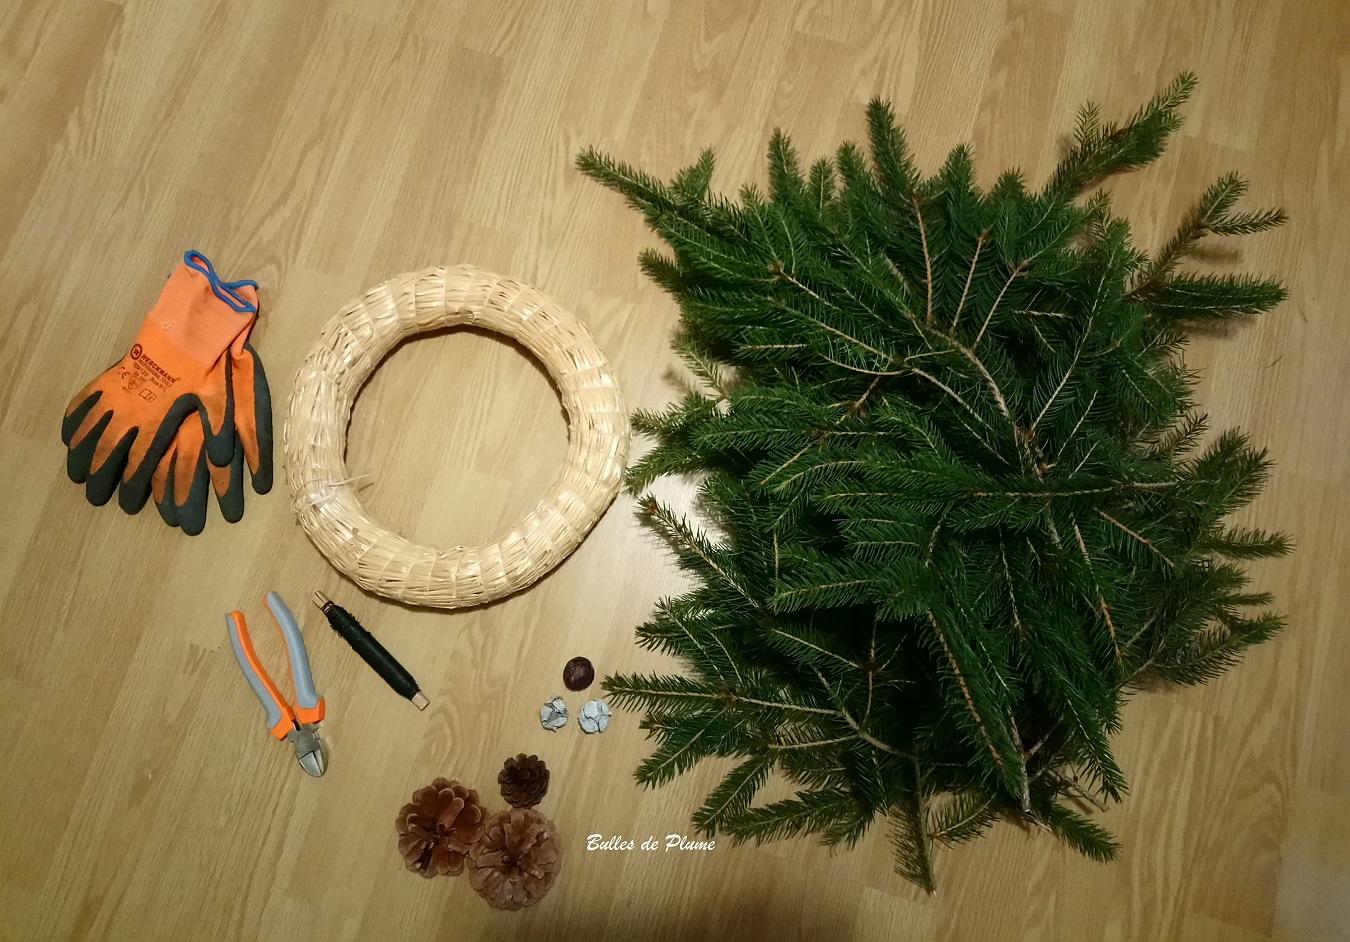 bulles de plume: fabriquer une couronne de noël avec des branches de